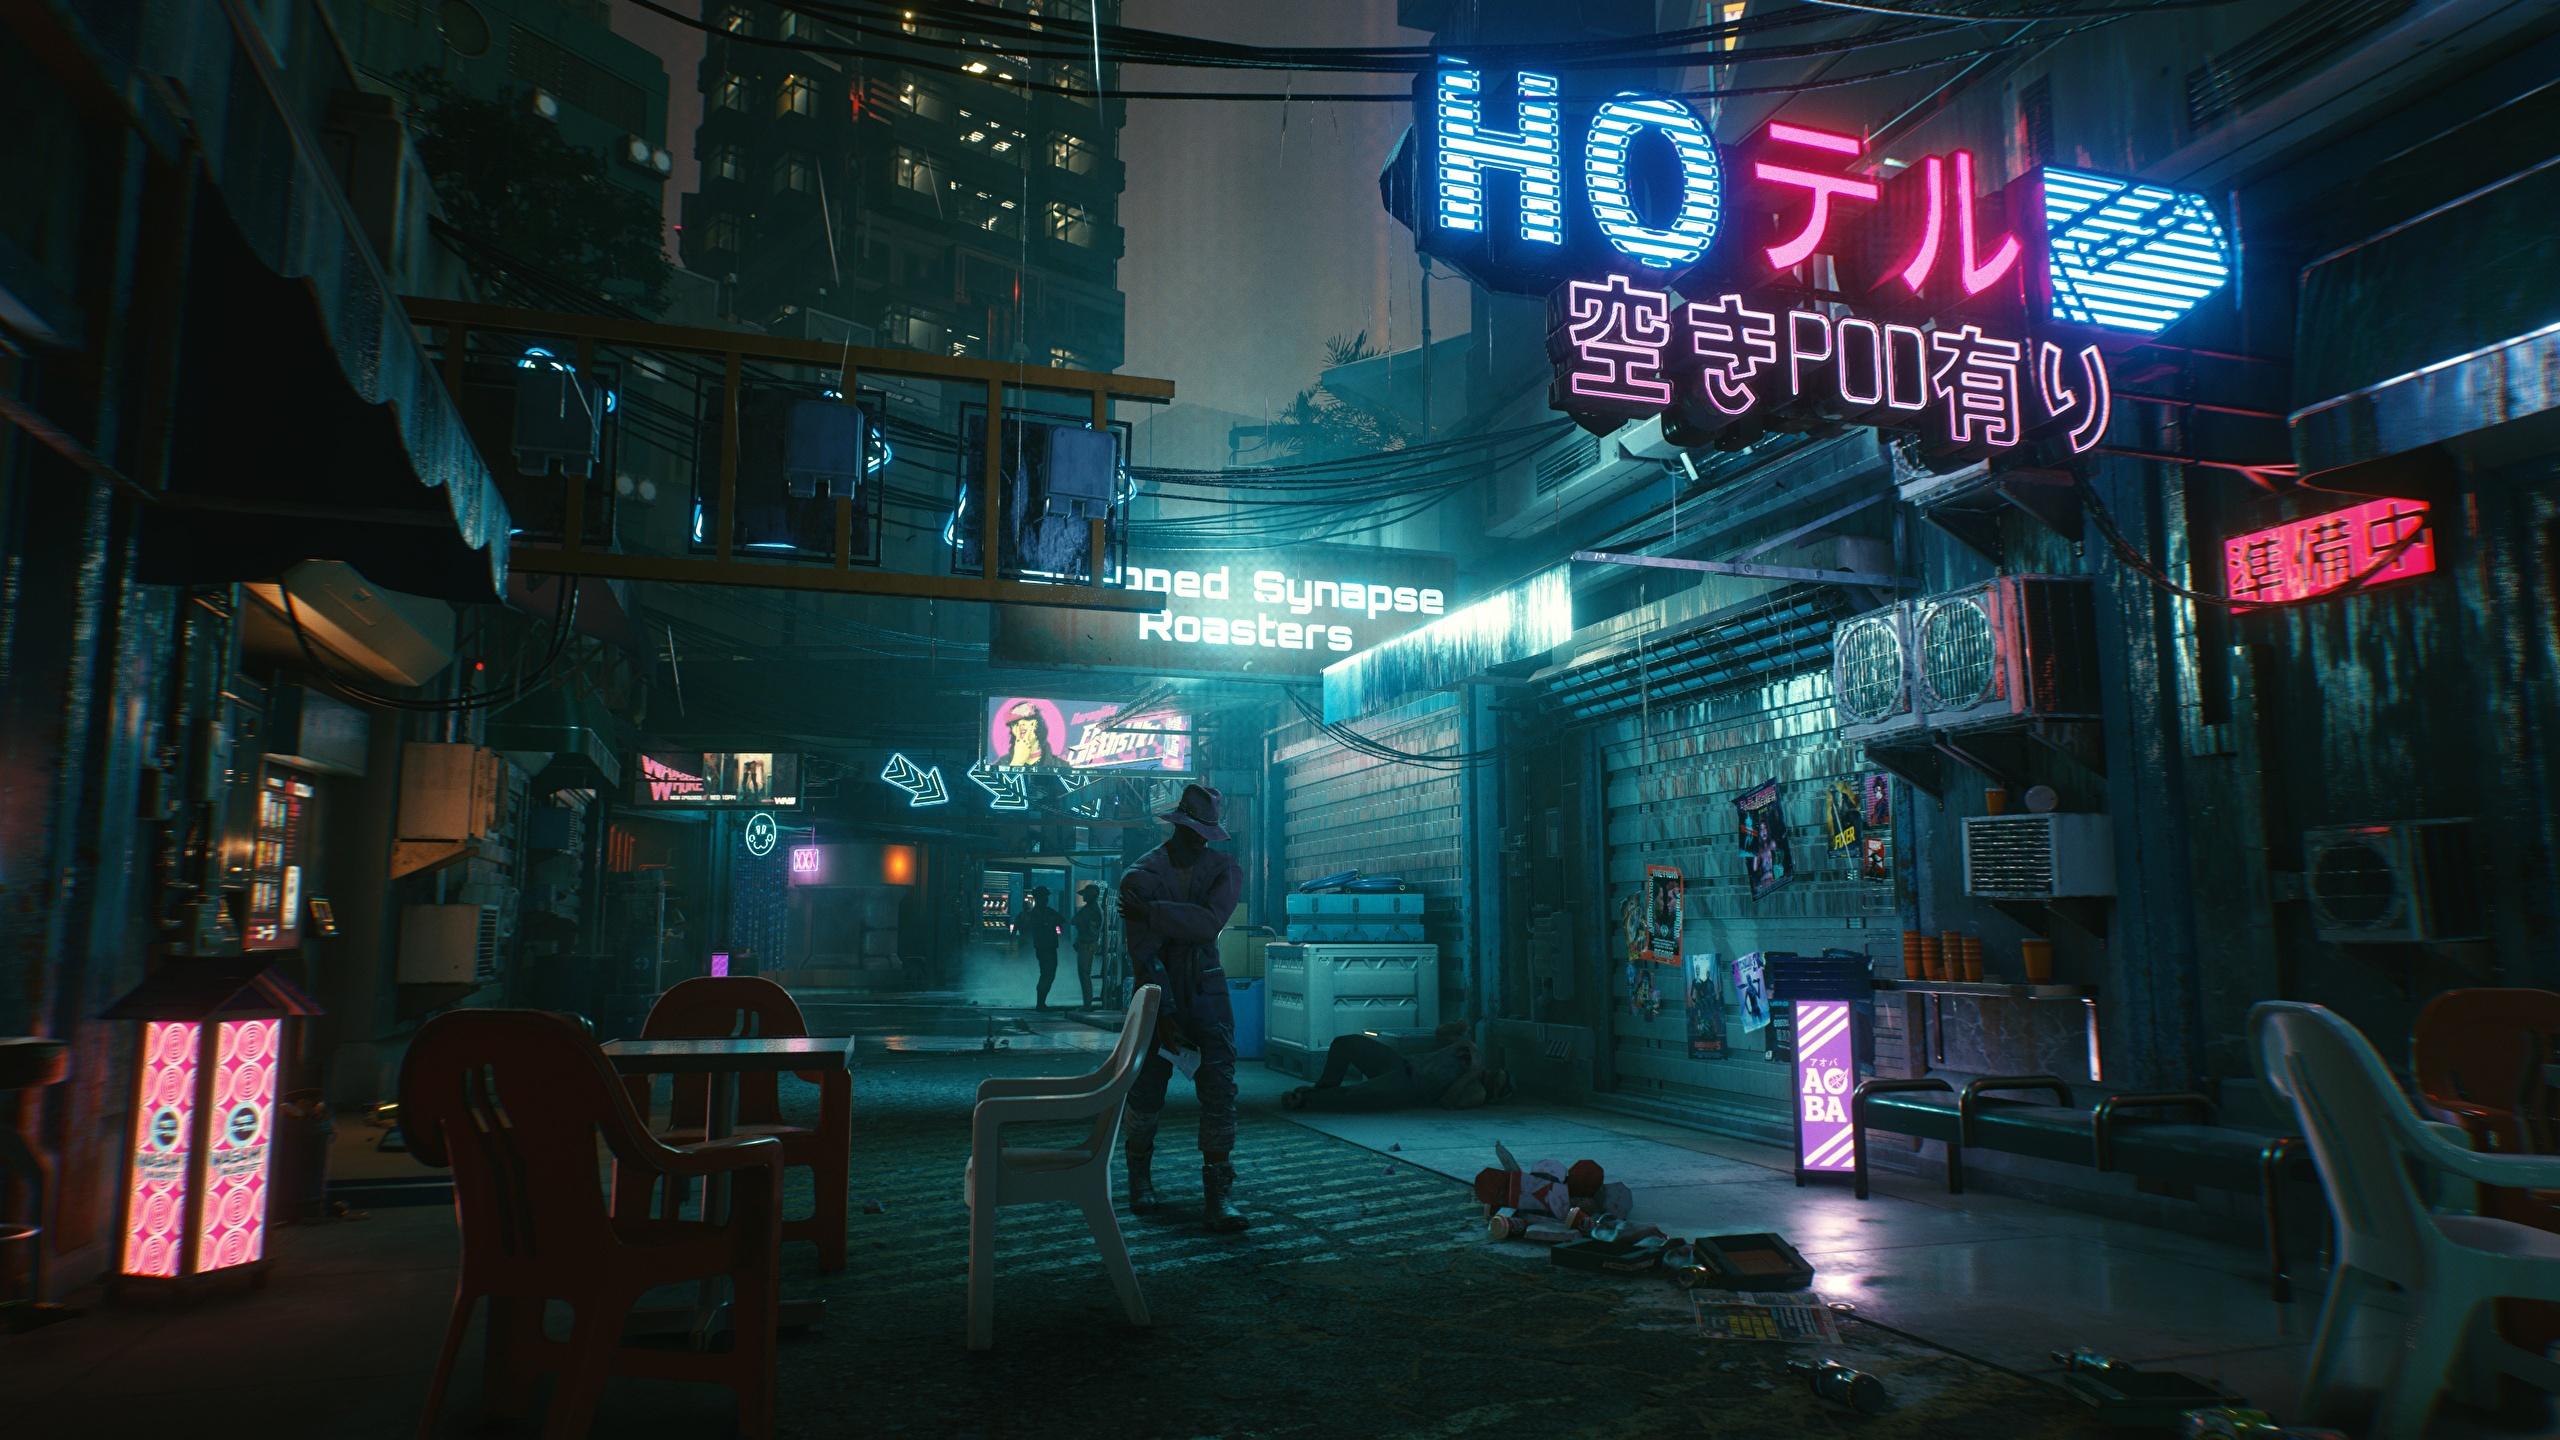 Photos Cyberpunk 2077 Street Vdeo Game Night 2560x1440